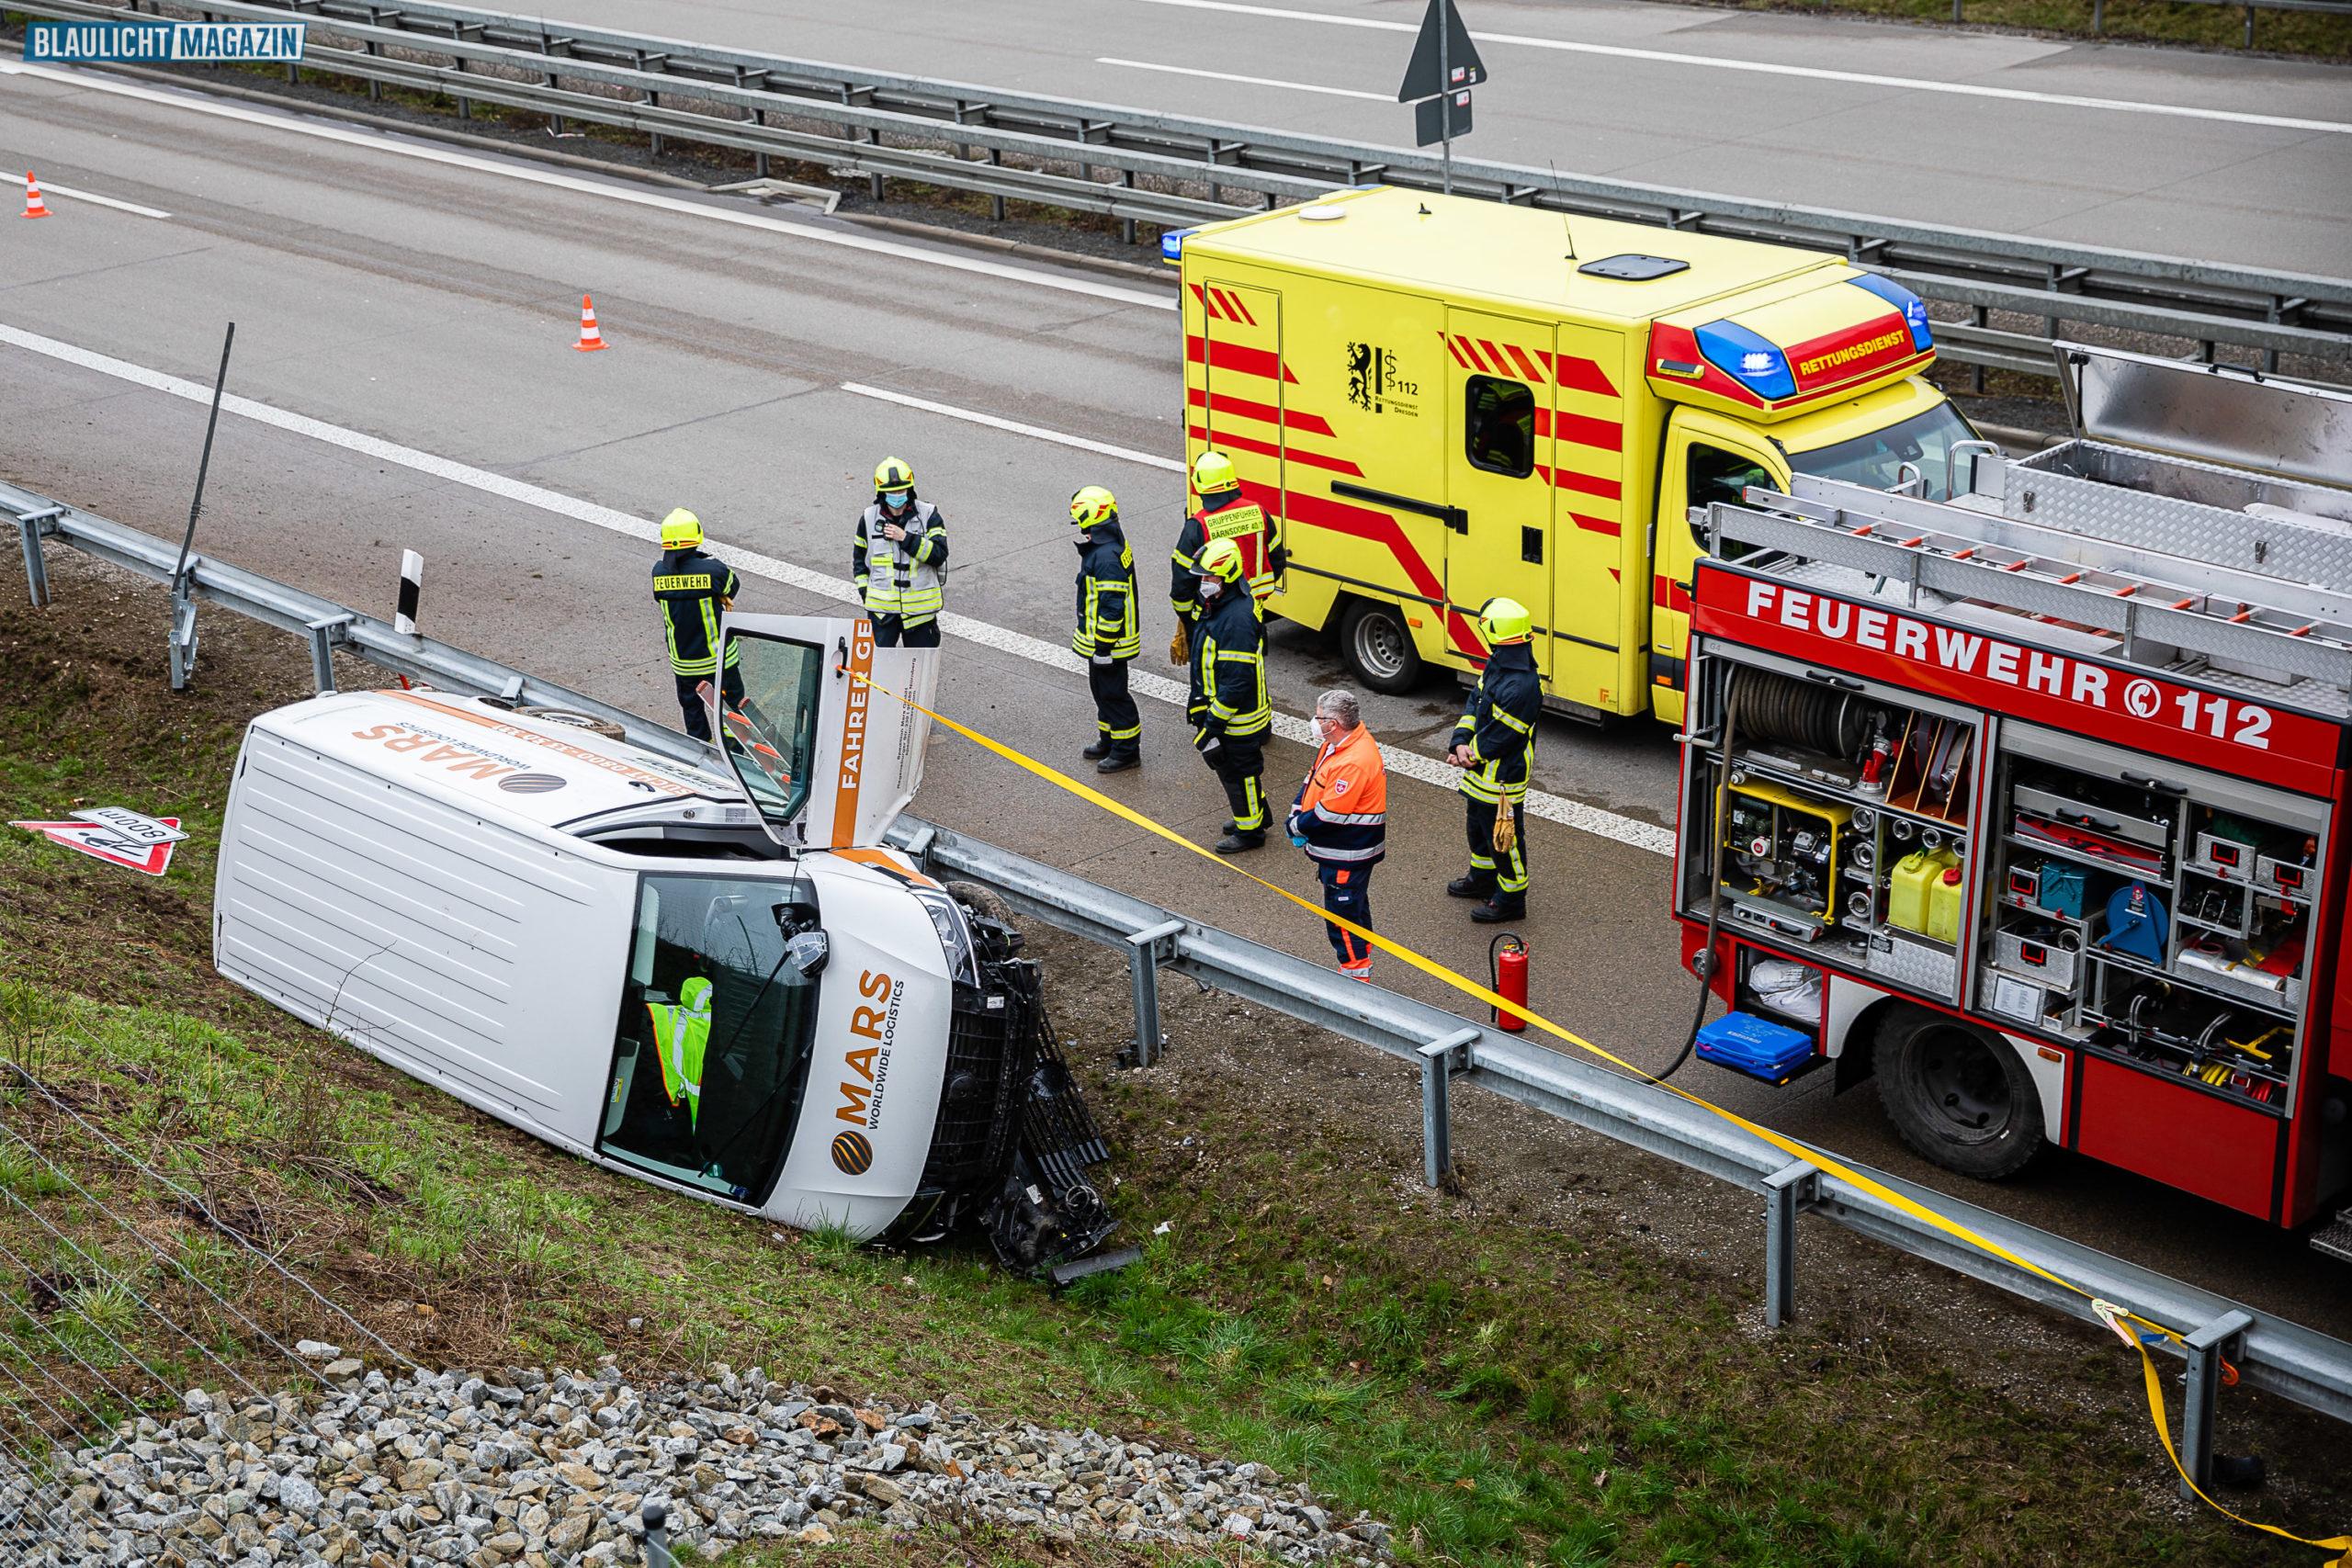 Paket-Transporter-fliegt-von-der-Autobahn-Fahrer-verletzt